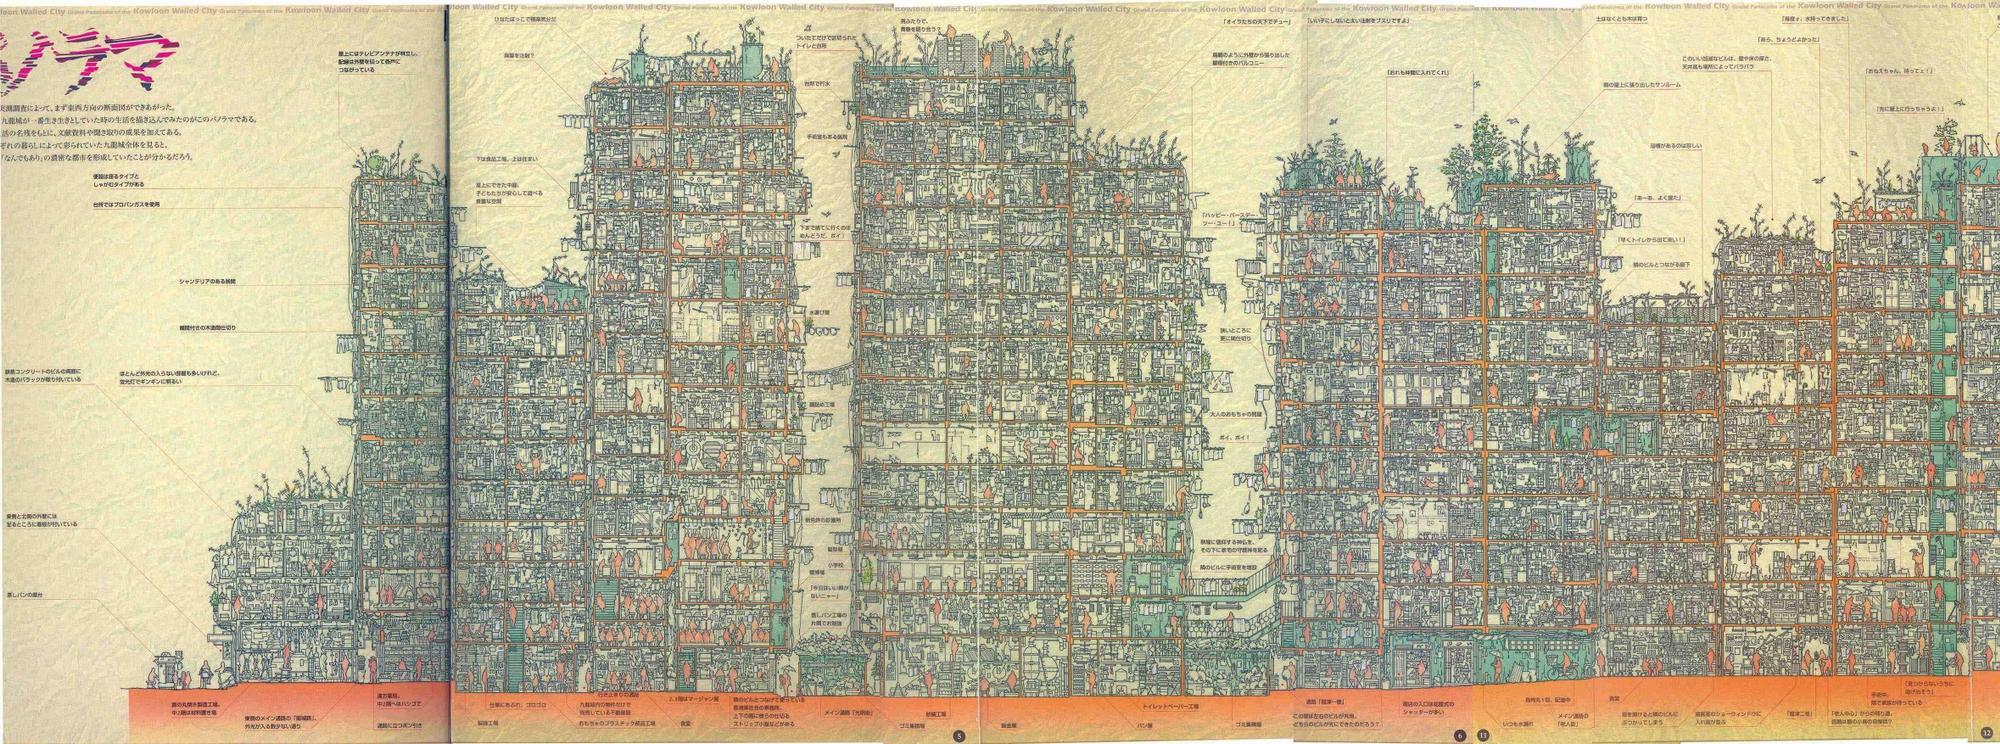 [cutaway] [diagram] kowloon-walled-city.jpg (4716×1754)